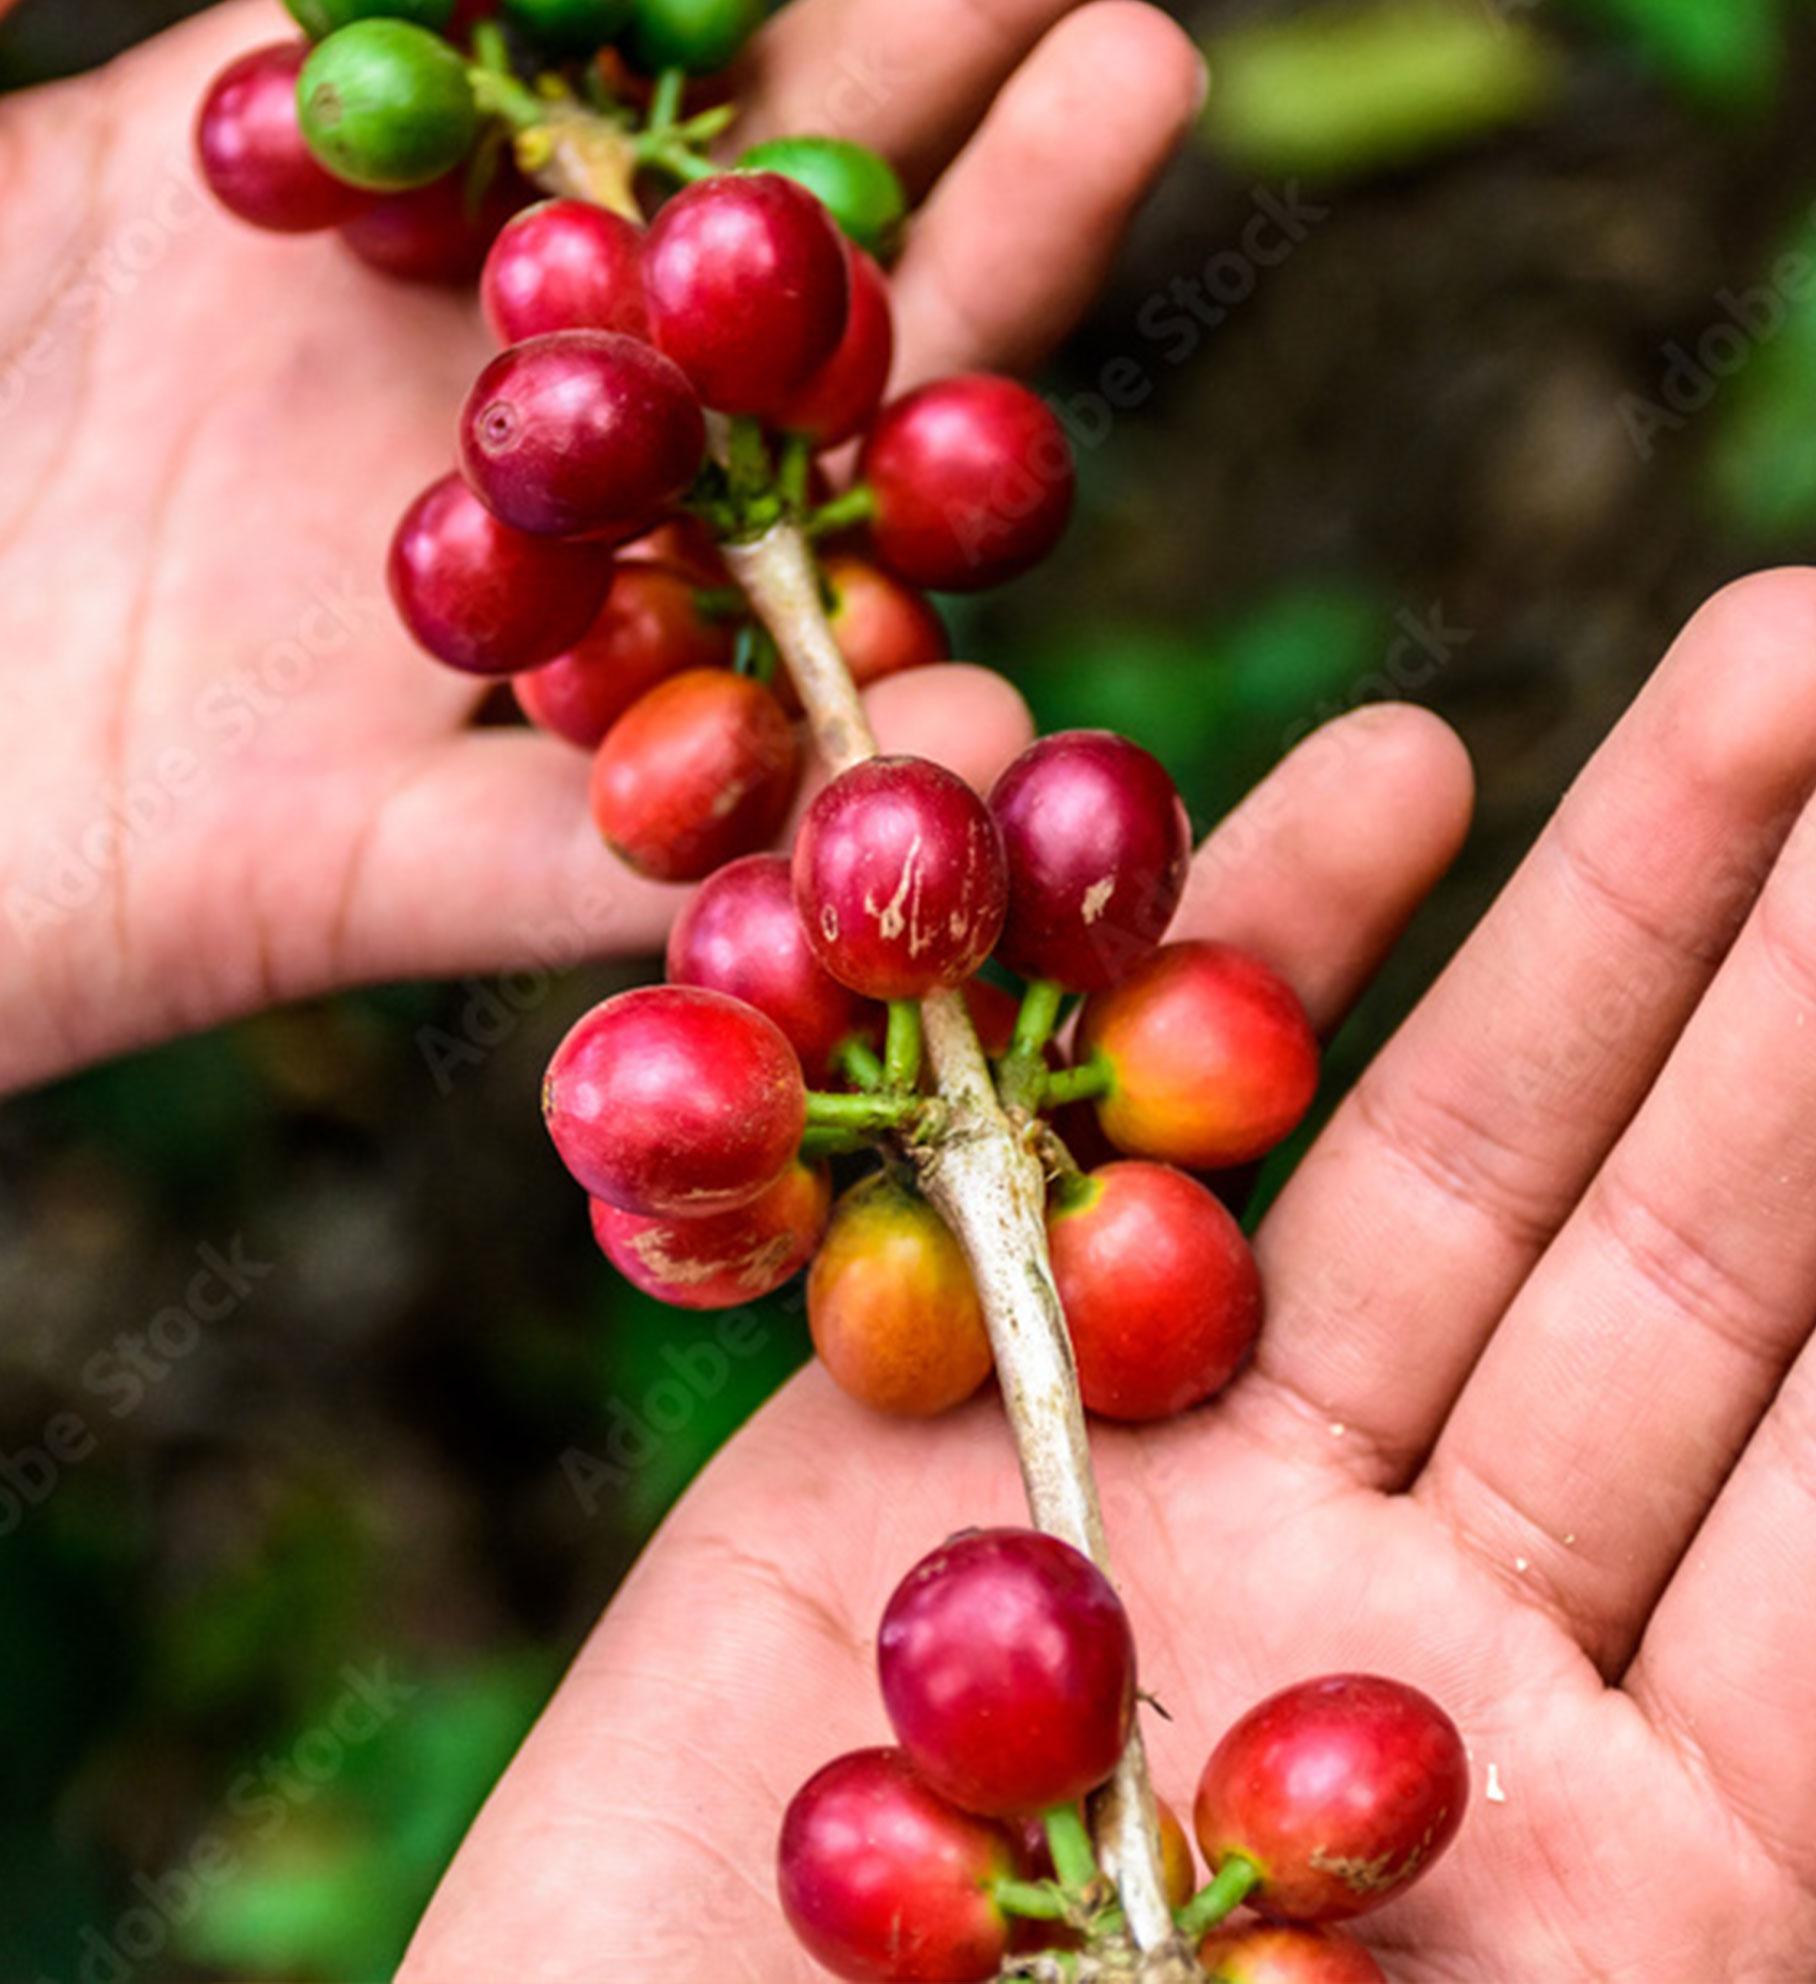 picked ripe coffee berries